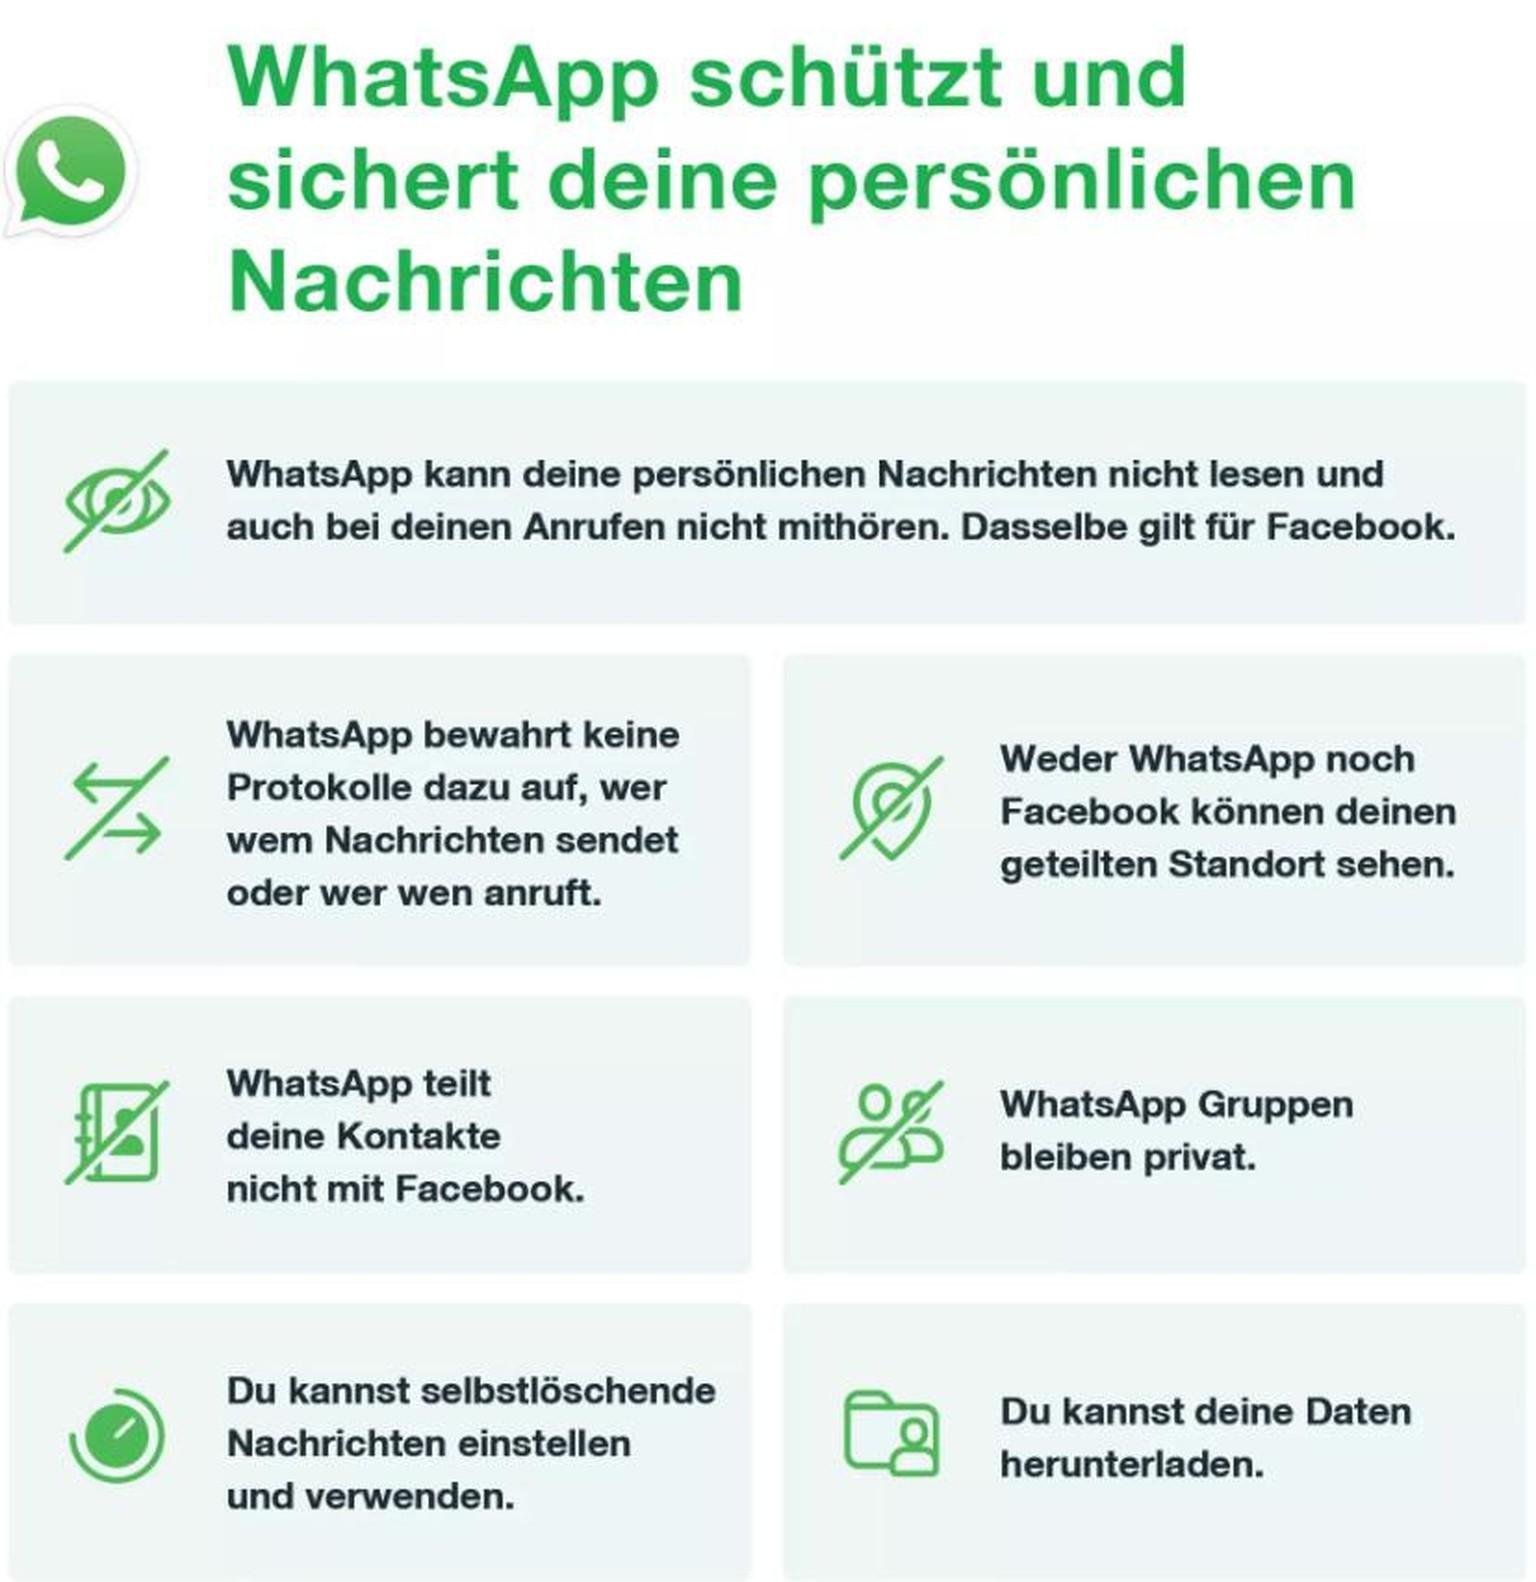 Passiert man was whatsapp deinstalliert wenn WhatsApp: Nutzerdaten